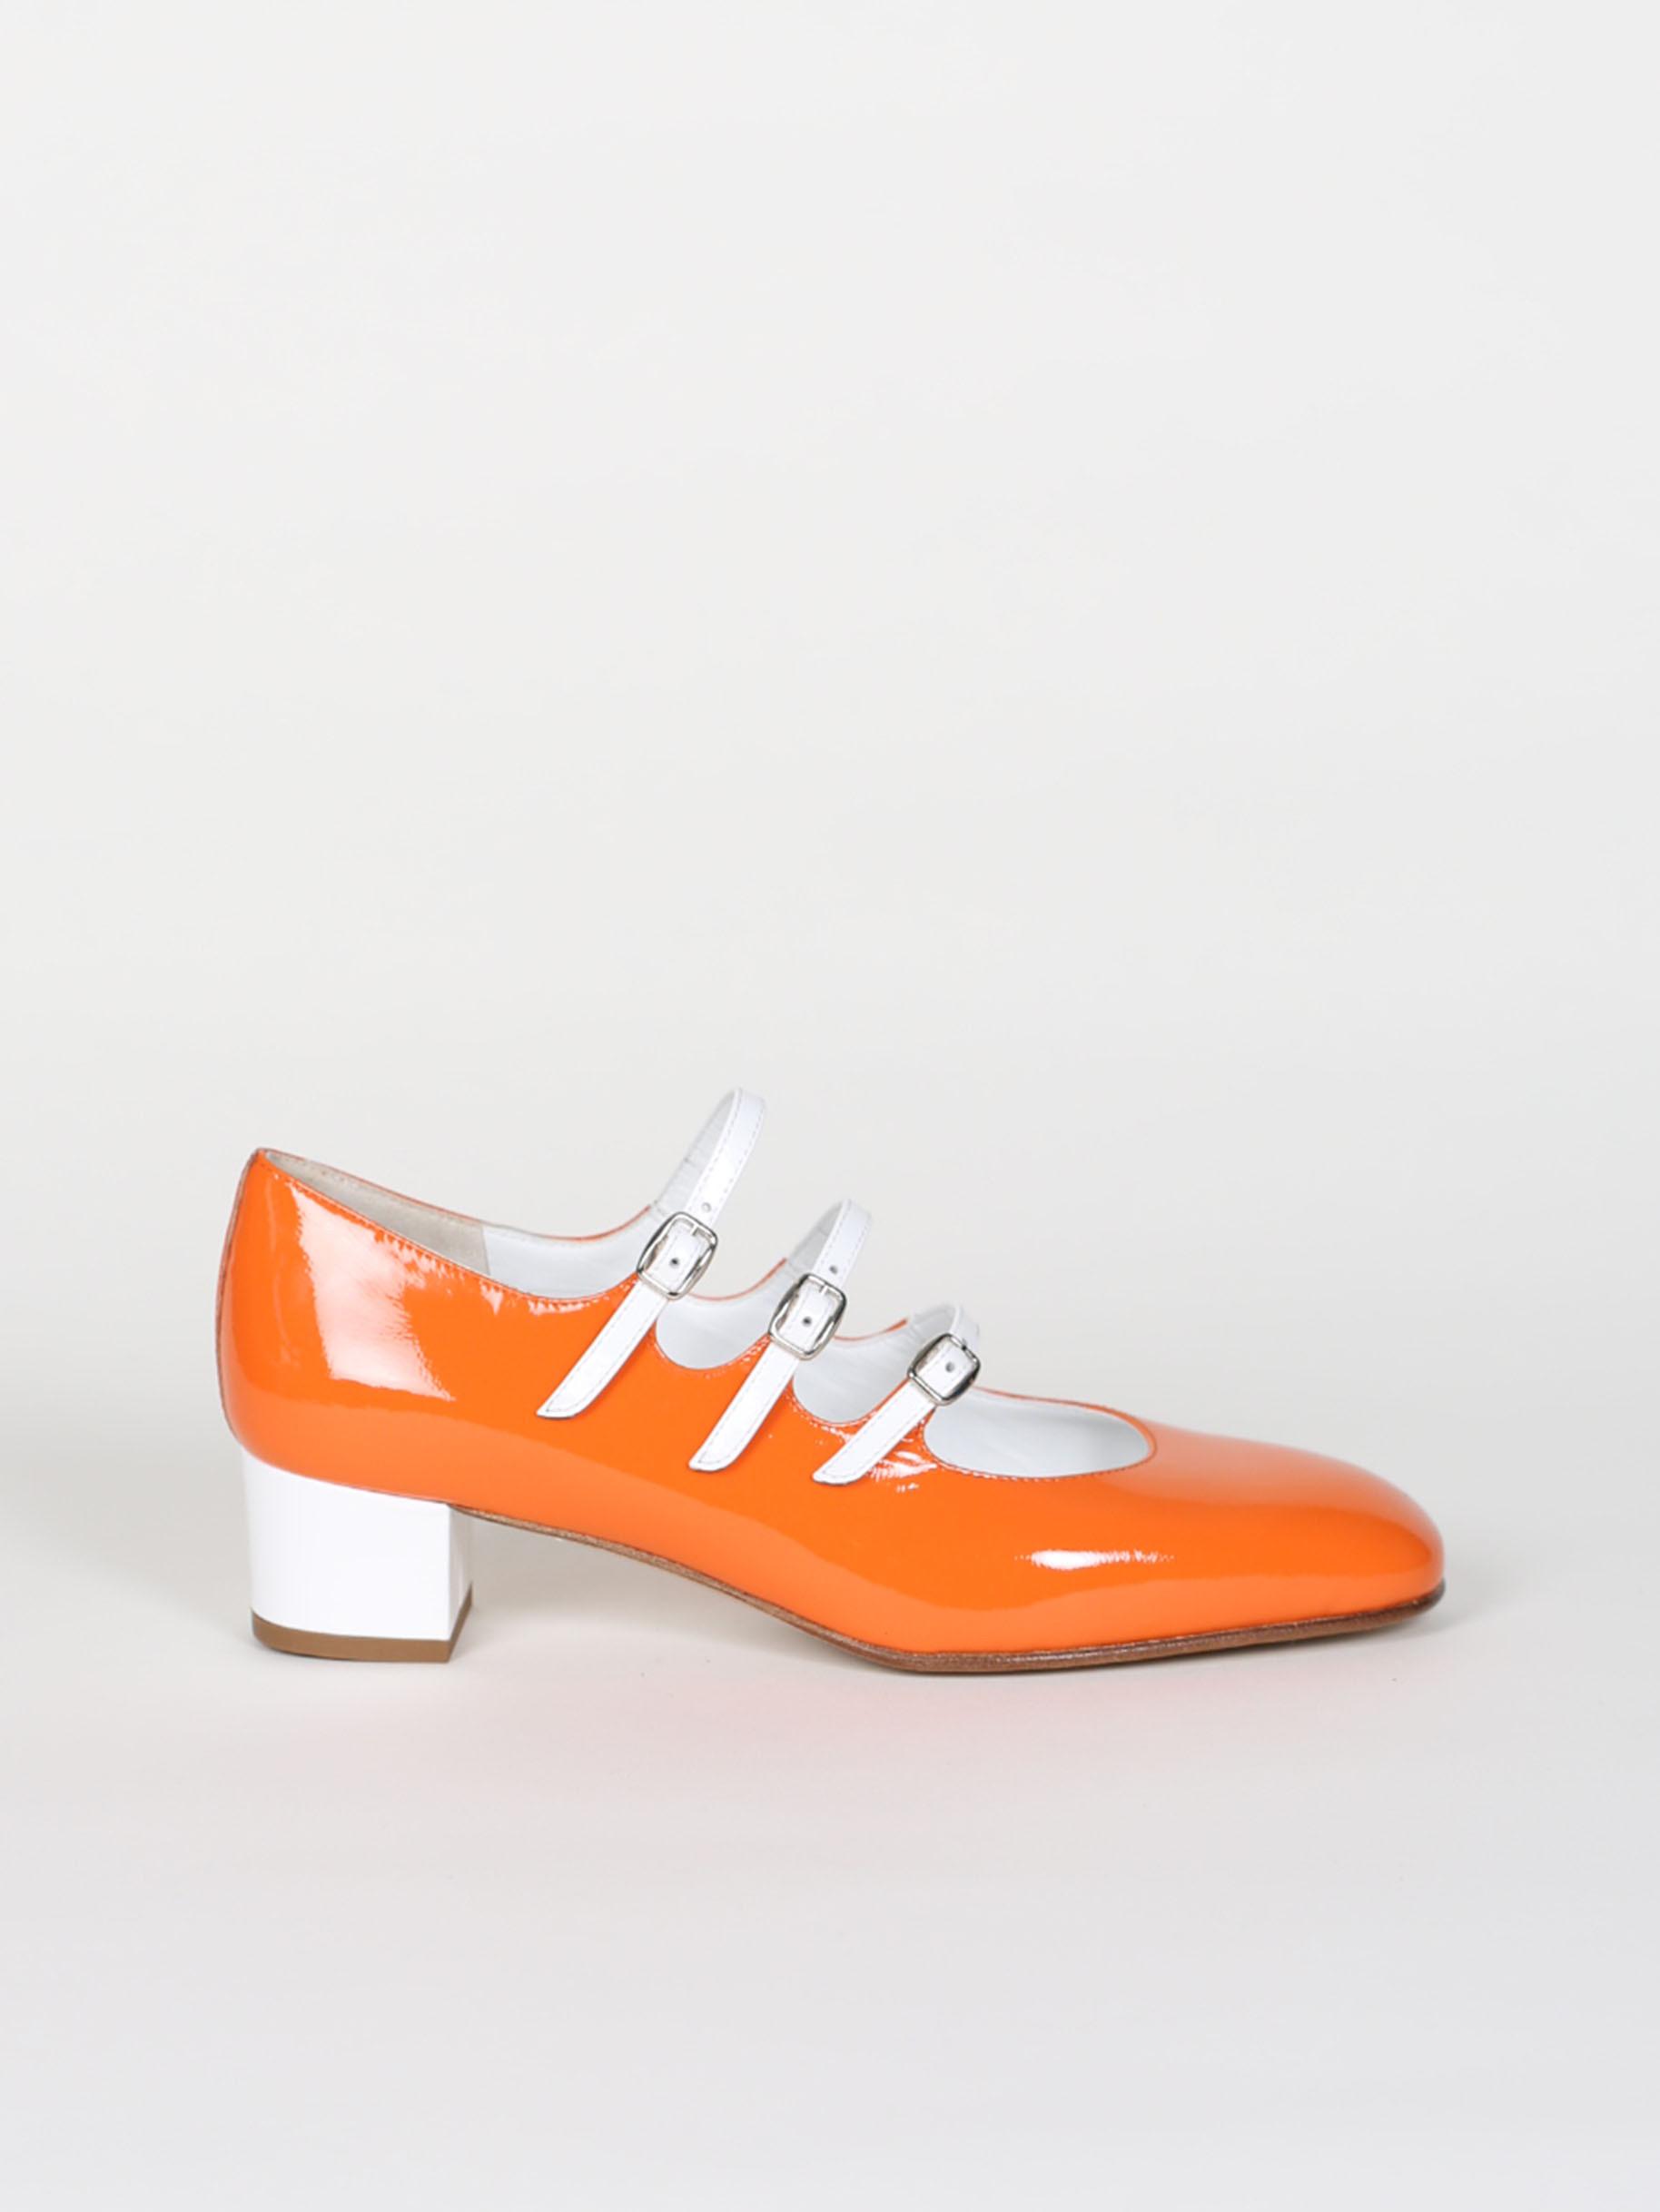 Carel Paris  Chaussures Femmes   Site officiel